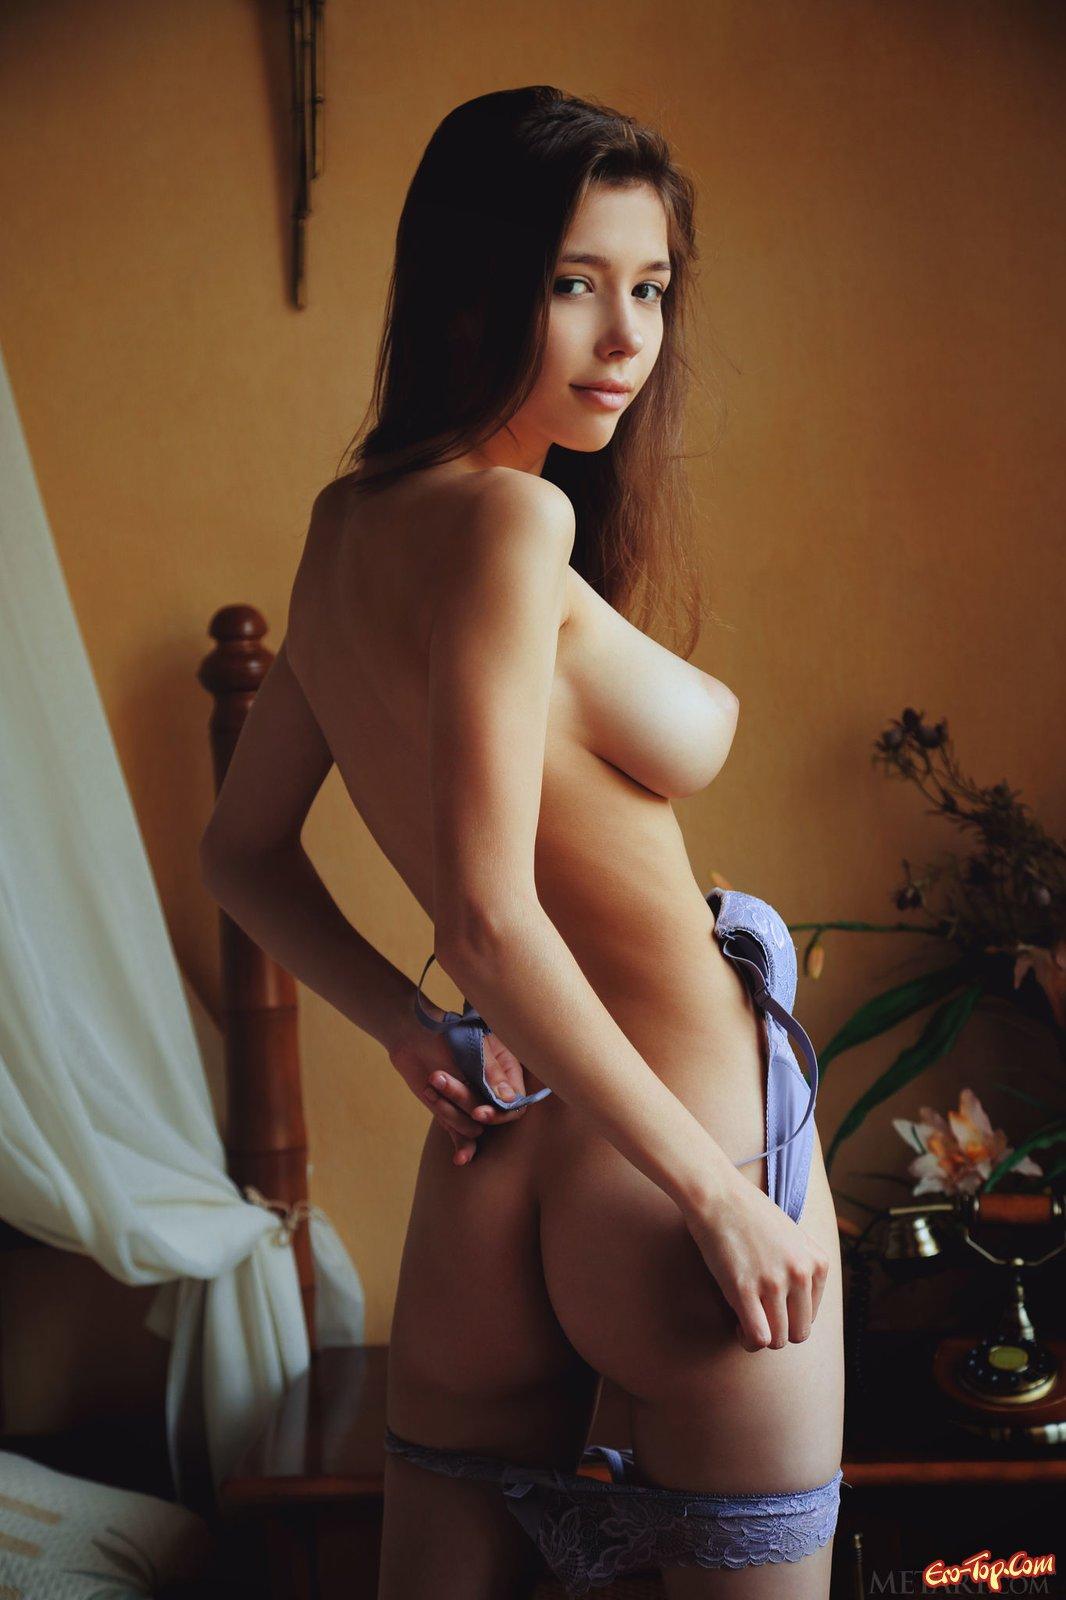 Девица с крупной грудью эротично сняла нижнее бельё